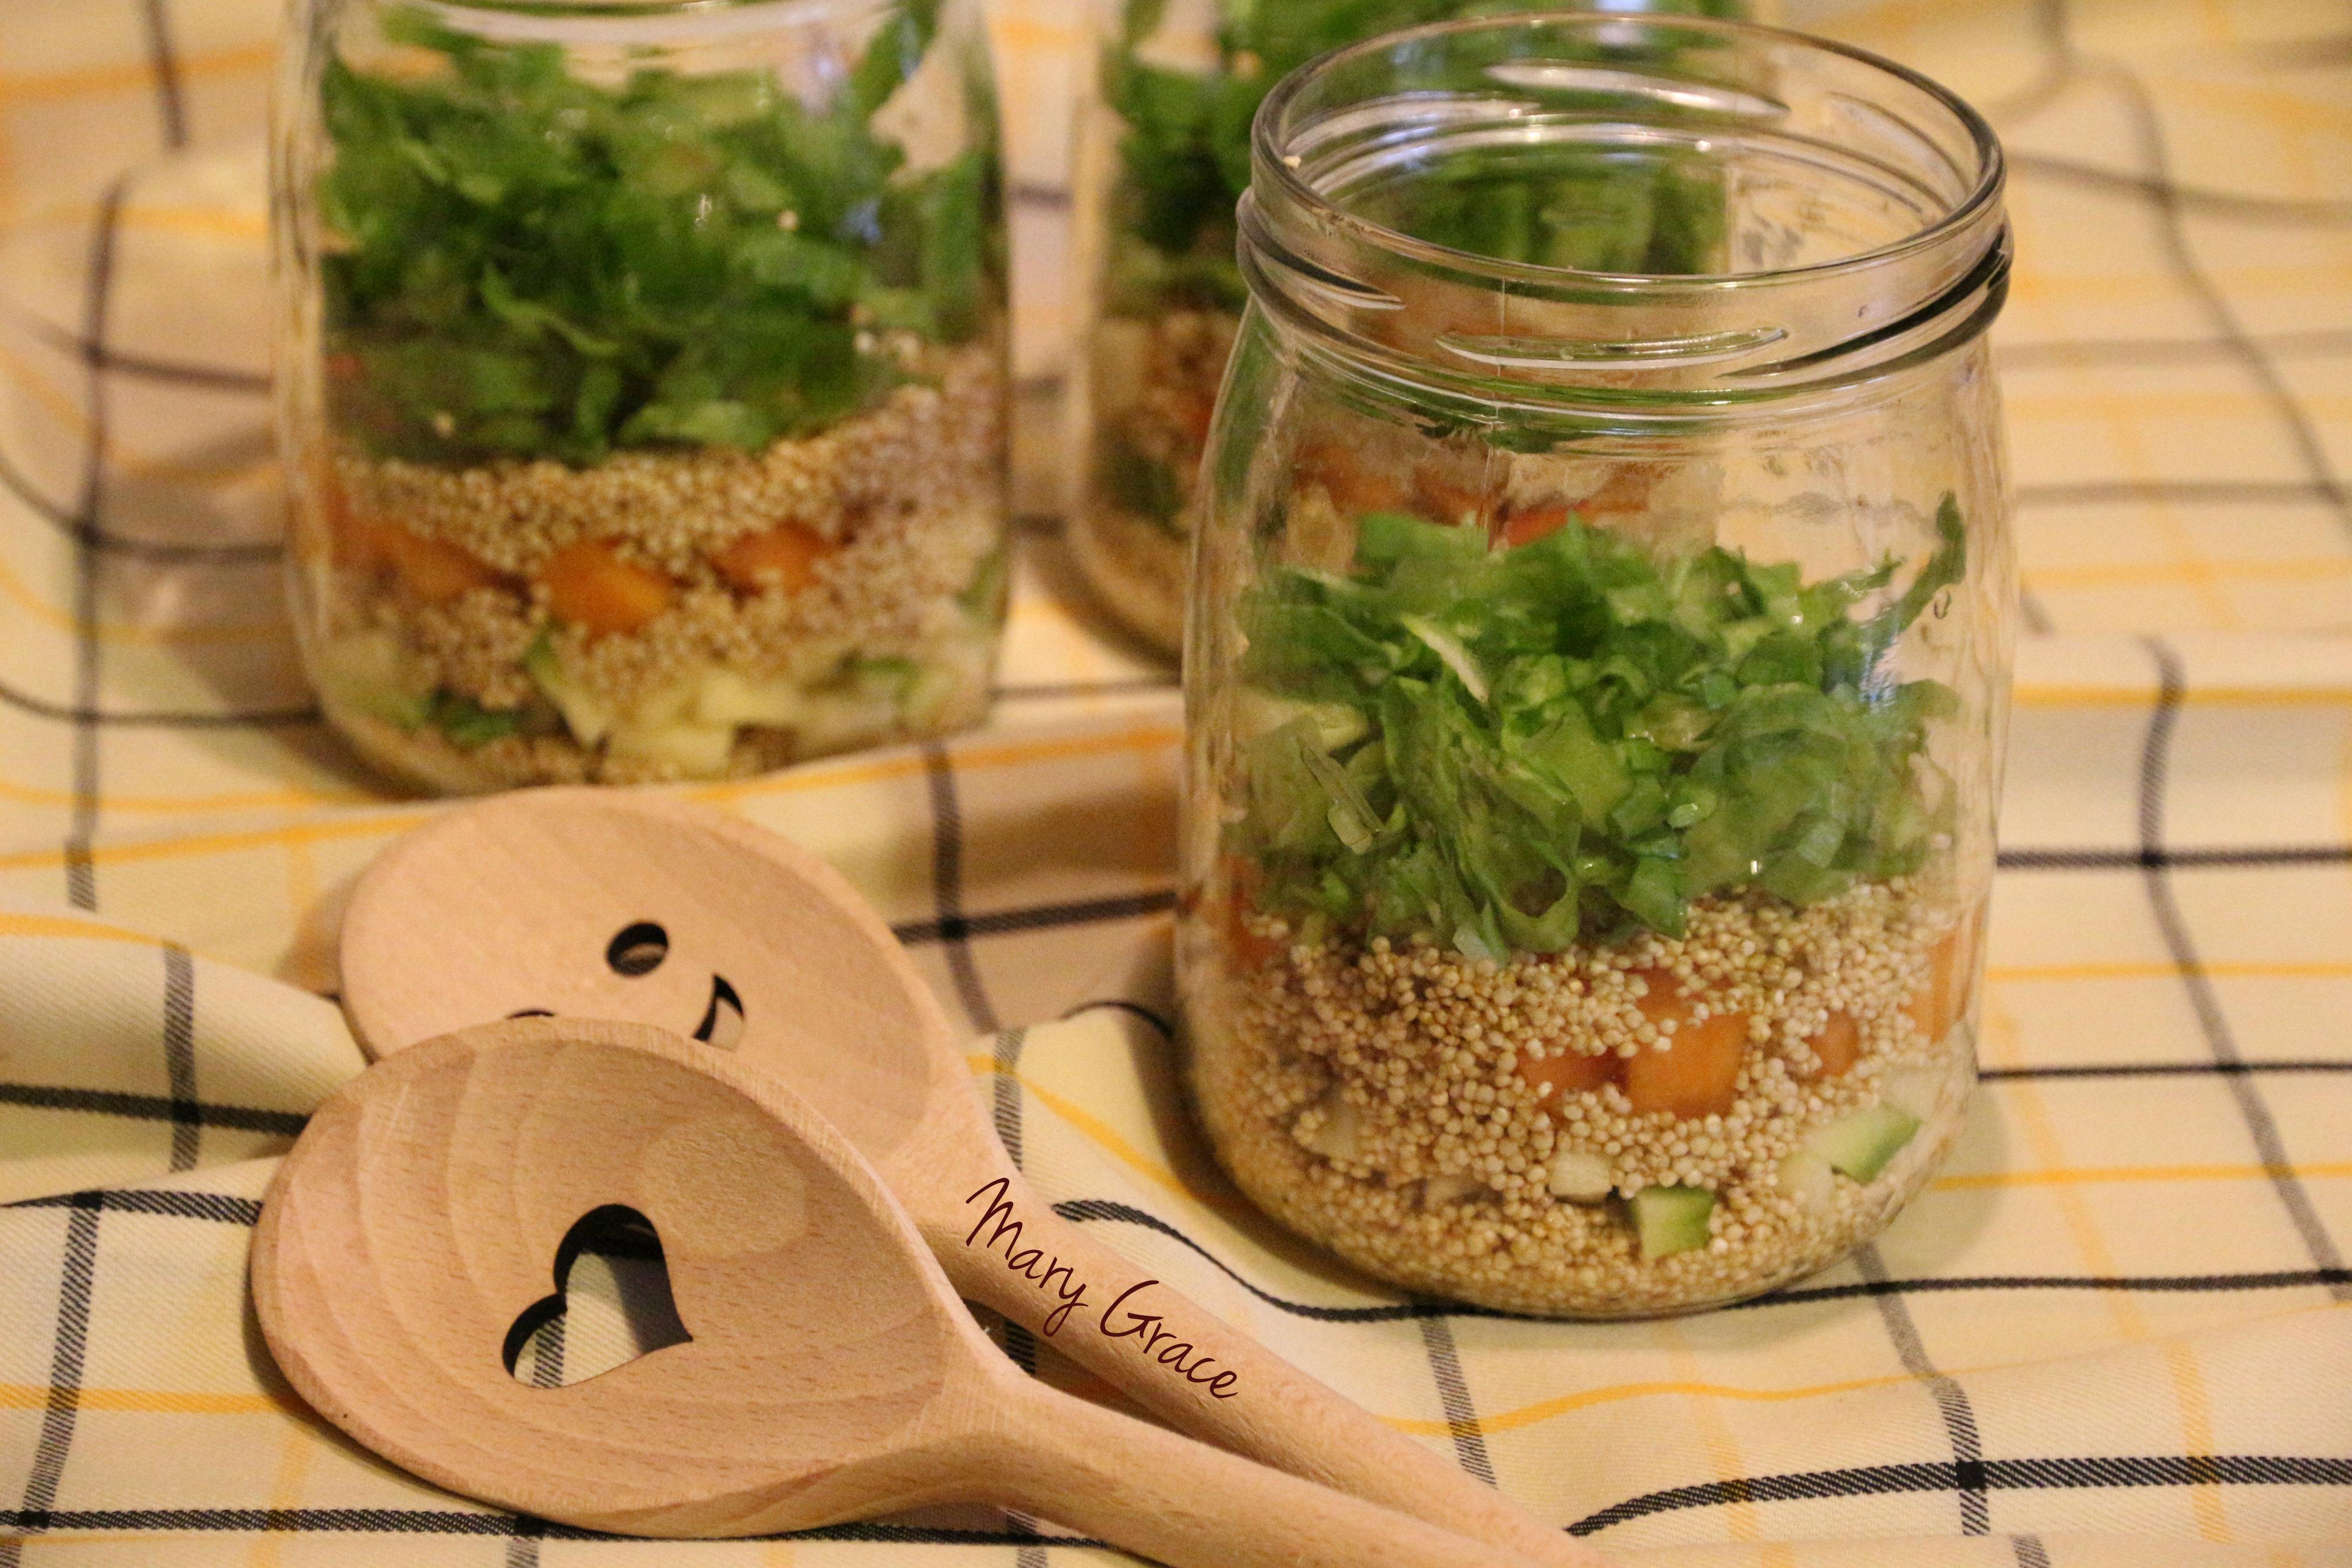 Quinoa vegetariana in vetro mary grace tra le nuvole in cucina - Una vegetariana in cucina ...